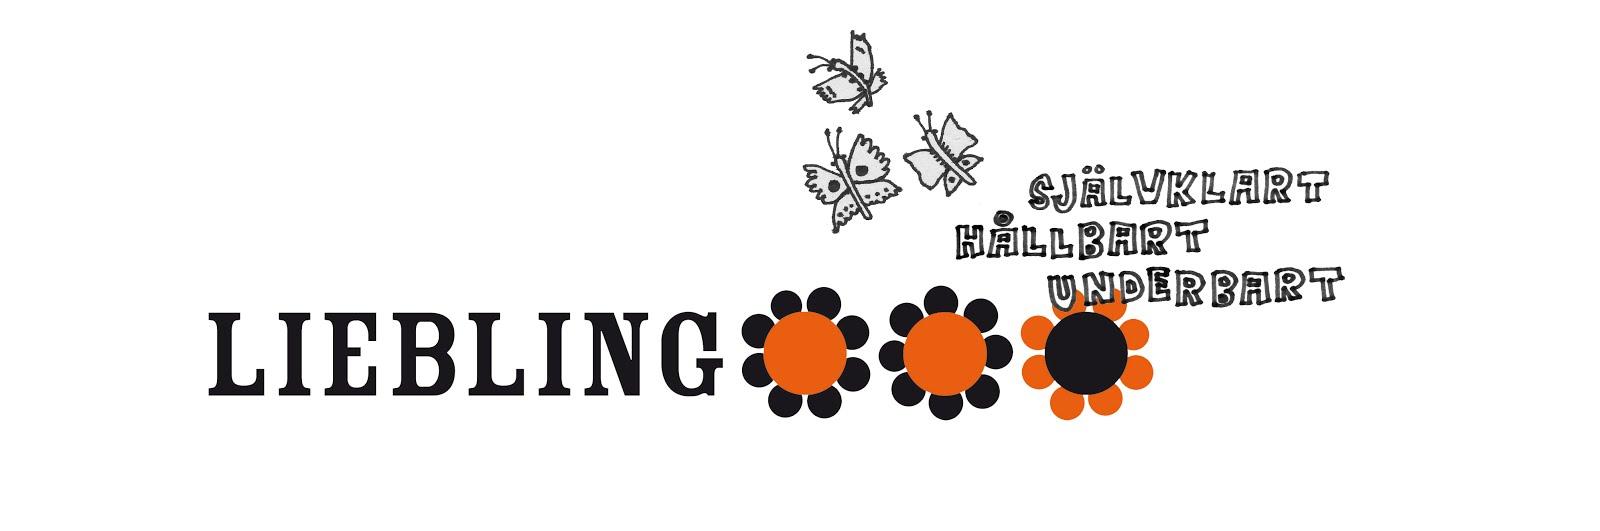 liebling allsorts